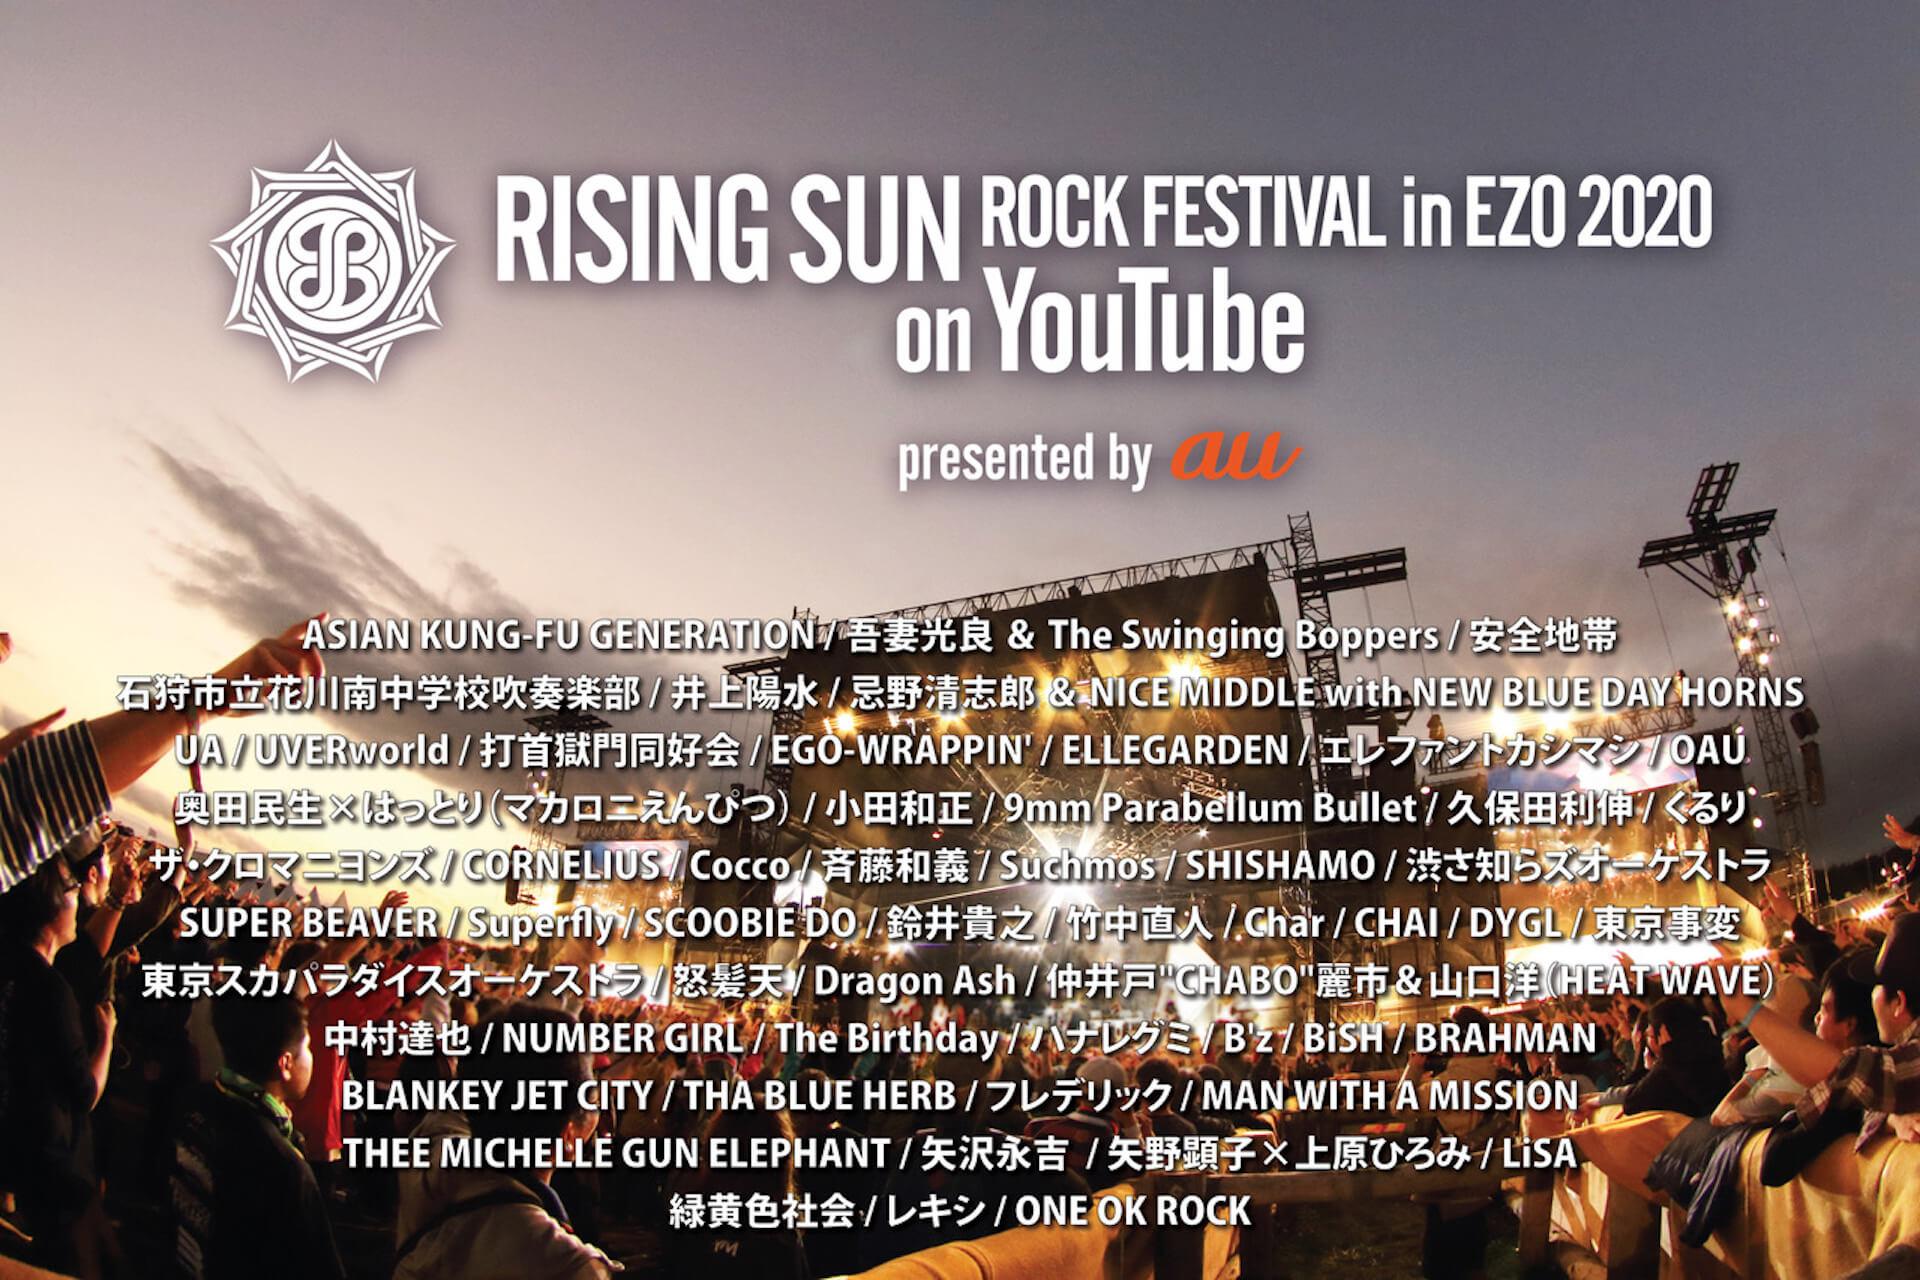 ライジングサンの興奮を配信で!<RISING SUN ROCK FESTIVAL 2020 in EZO on YouTube>実施決定|アジカン、CORNELIUS、東京事変、Suchmosらがラインナップ music200806_rsr_youtube_main